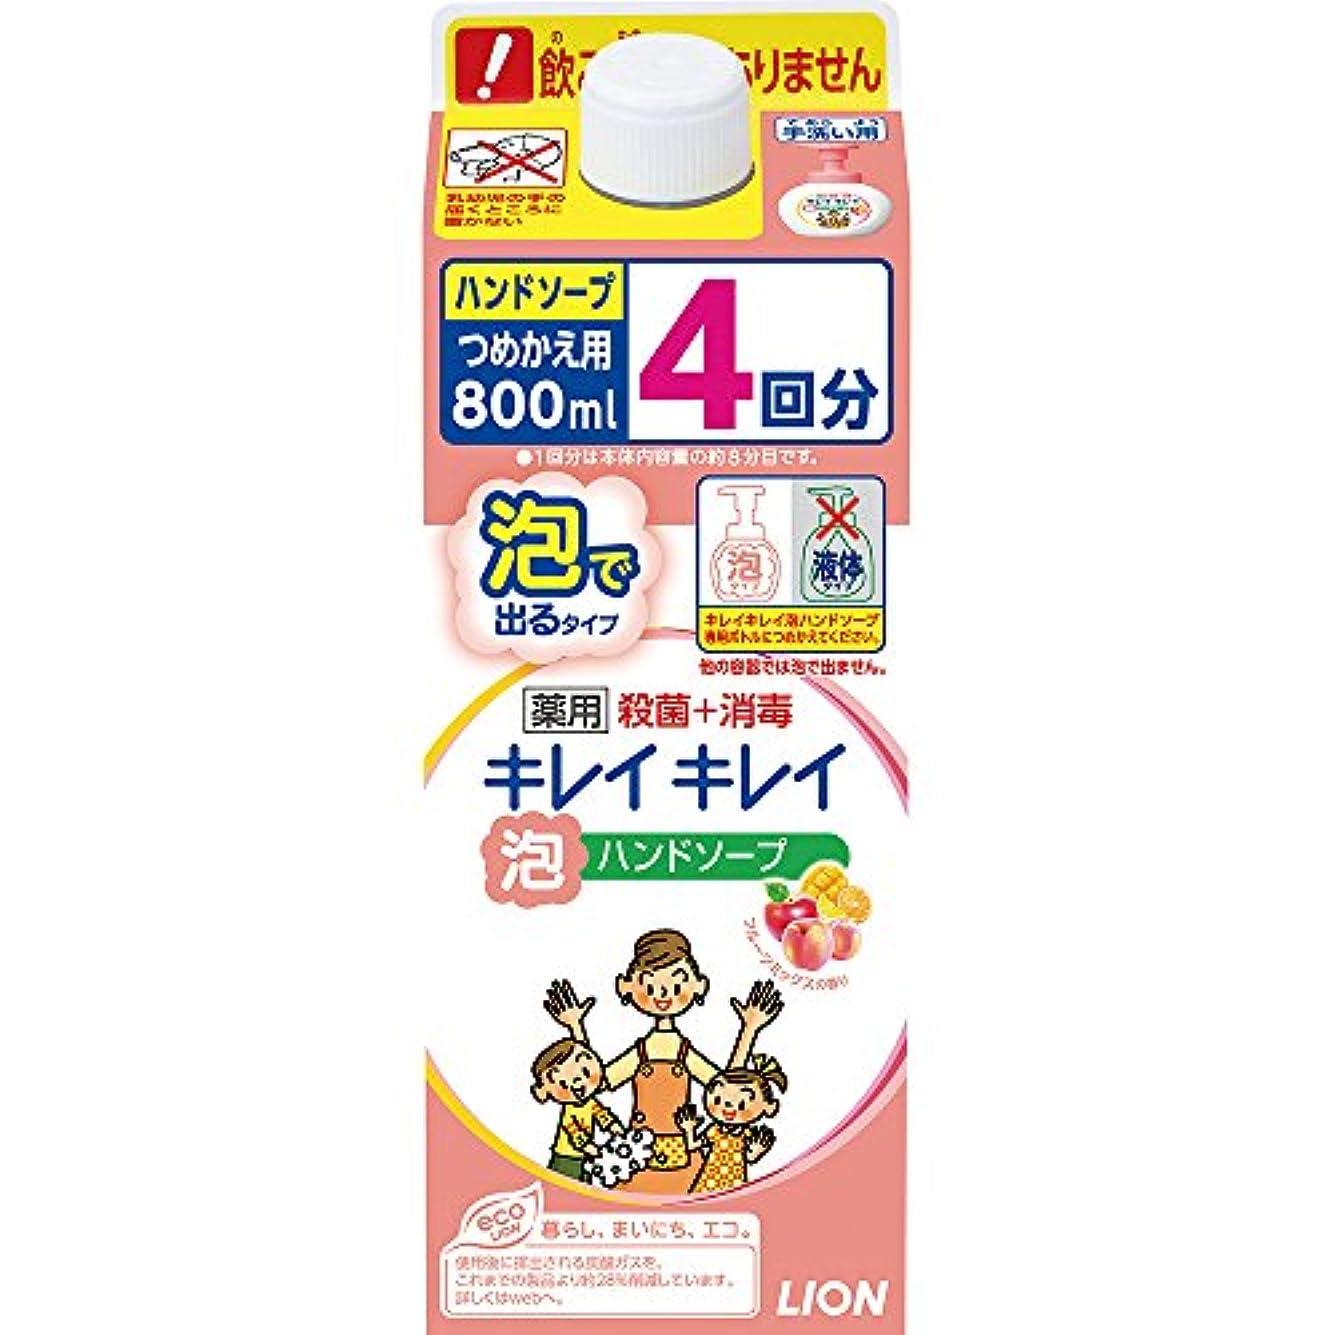 懇願するシステム高いキレイキレイ 薬用 泡ハンドソープ フルーツミックスの香り 詰め替え特大サイズ 800ml(医薬部外品)